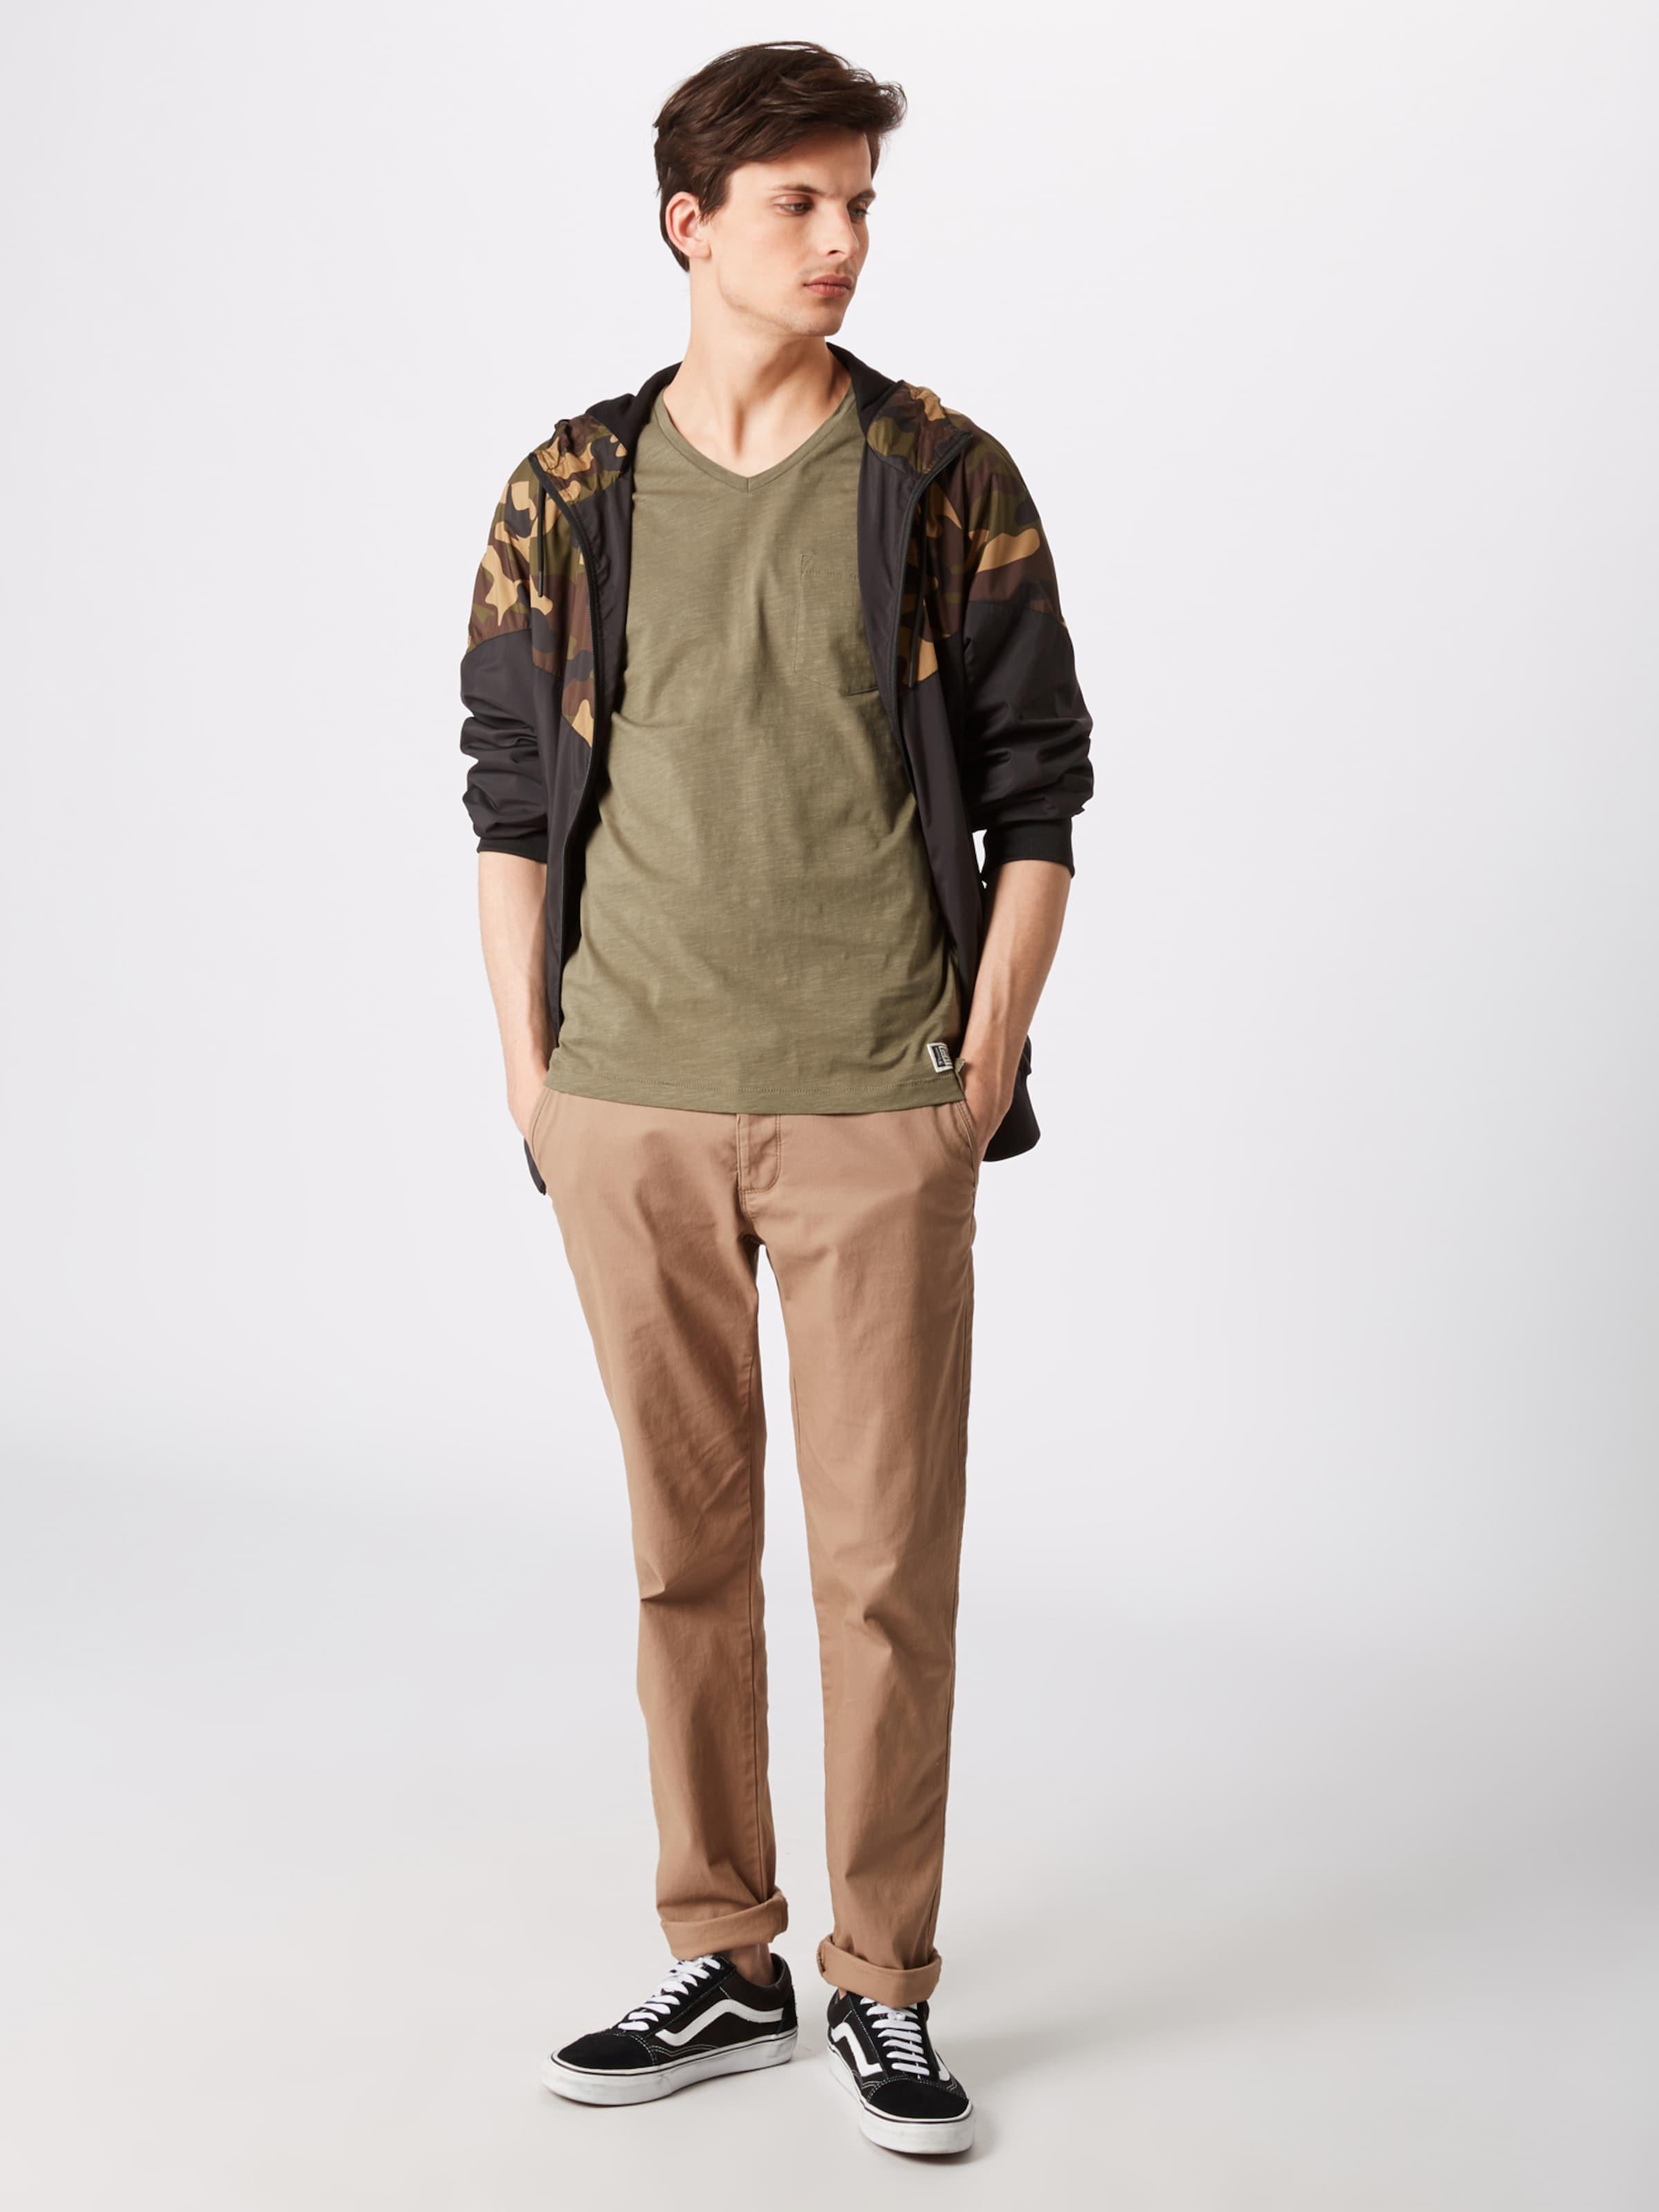 Oliv Shirt Denim Tom In Tailor lPkTZuwiOX